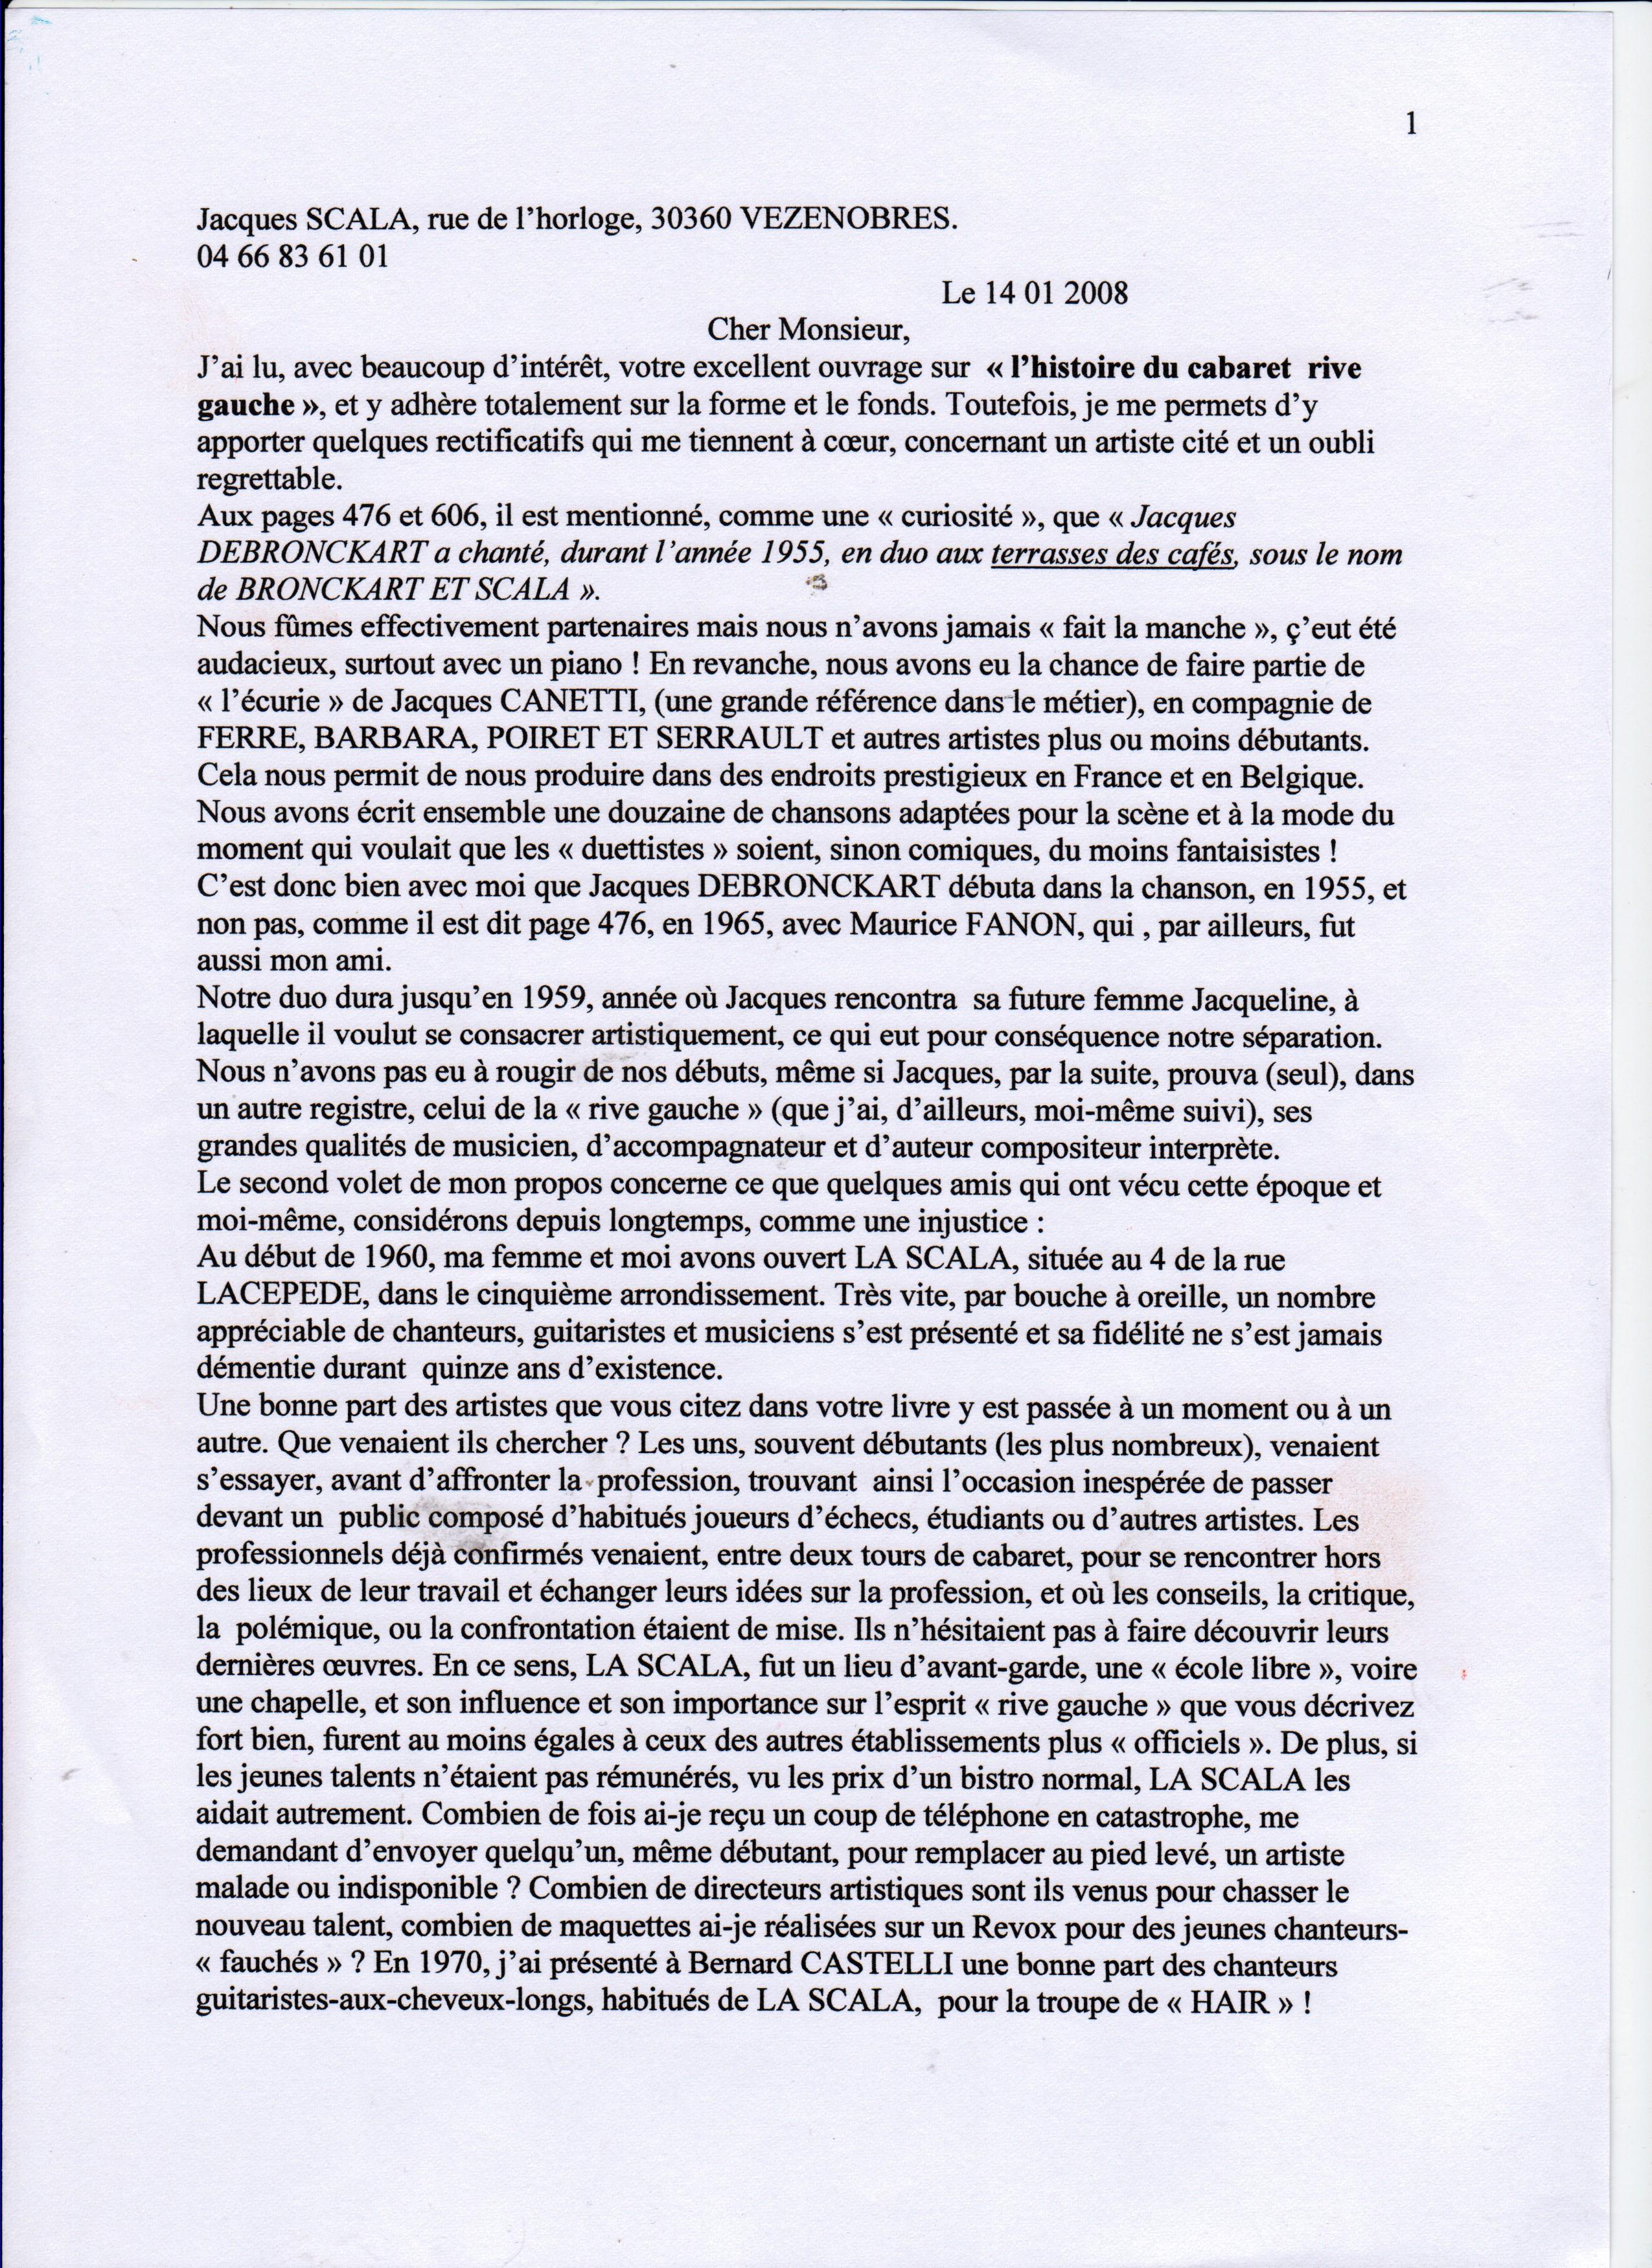 lettremschleisserpage1.jpg